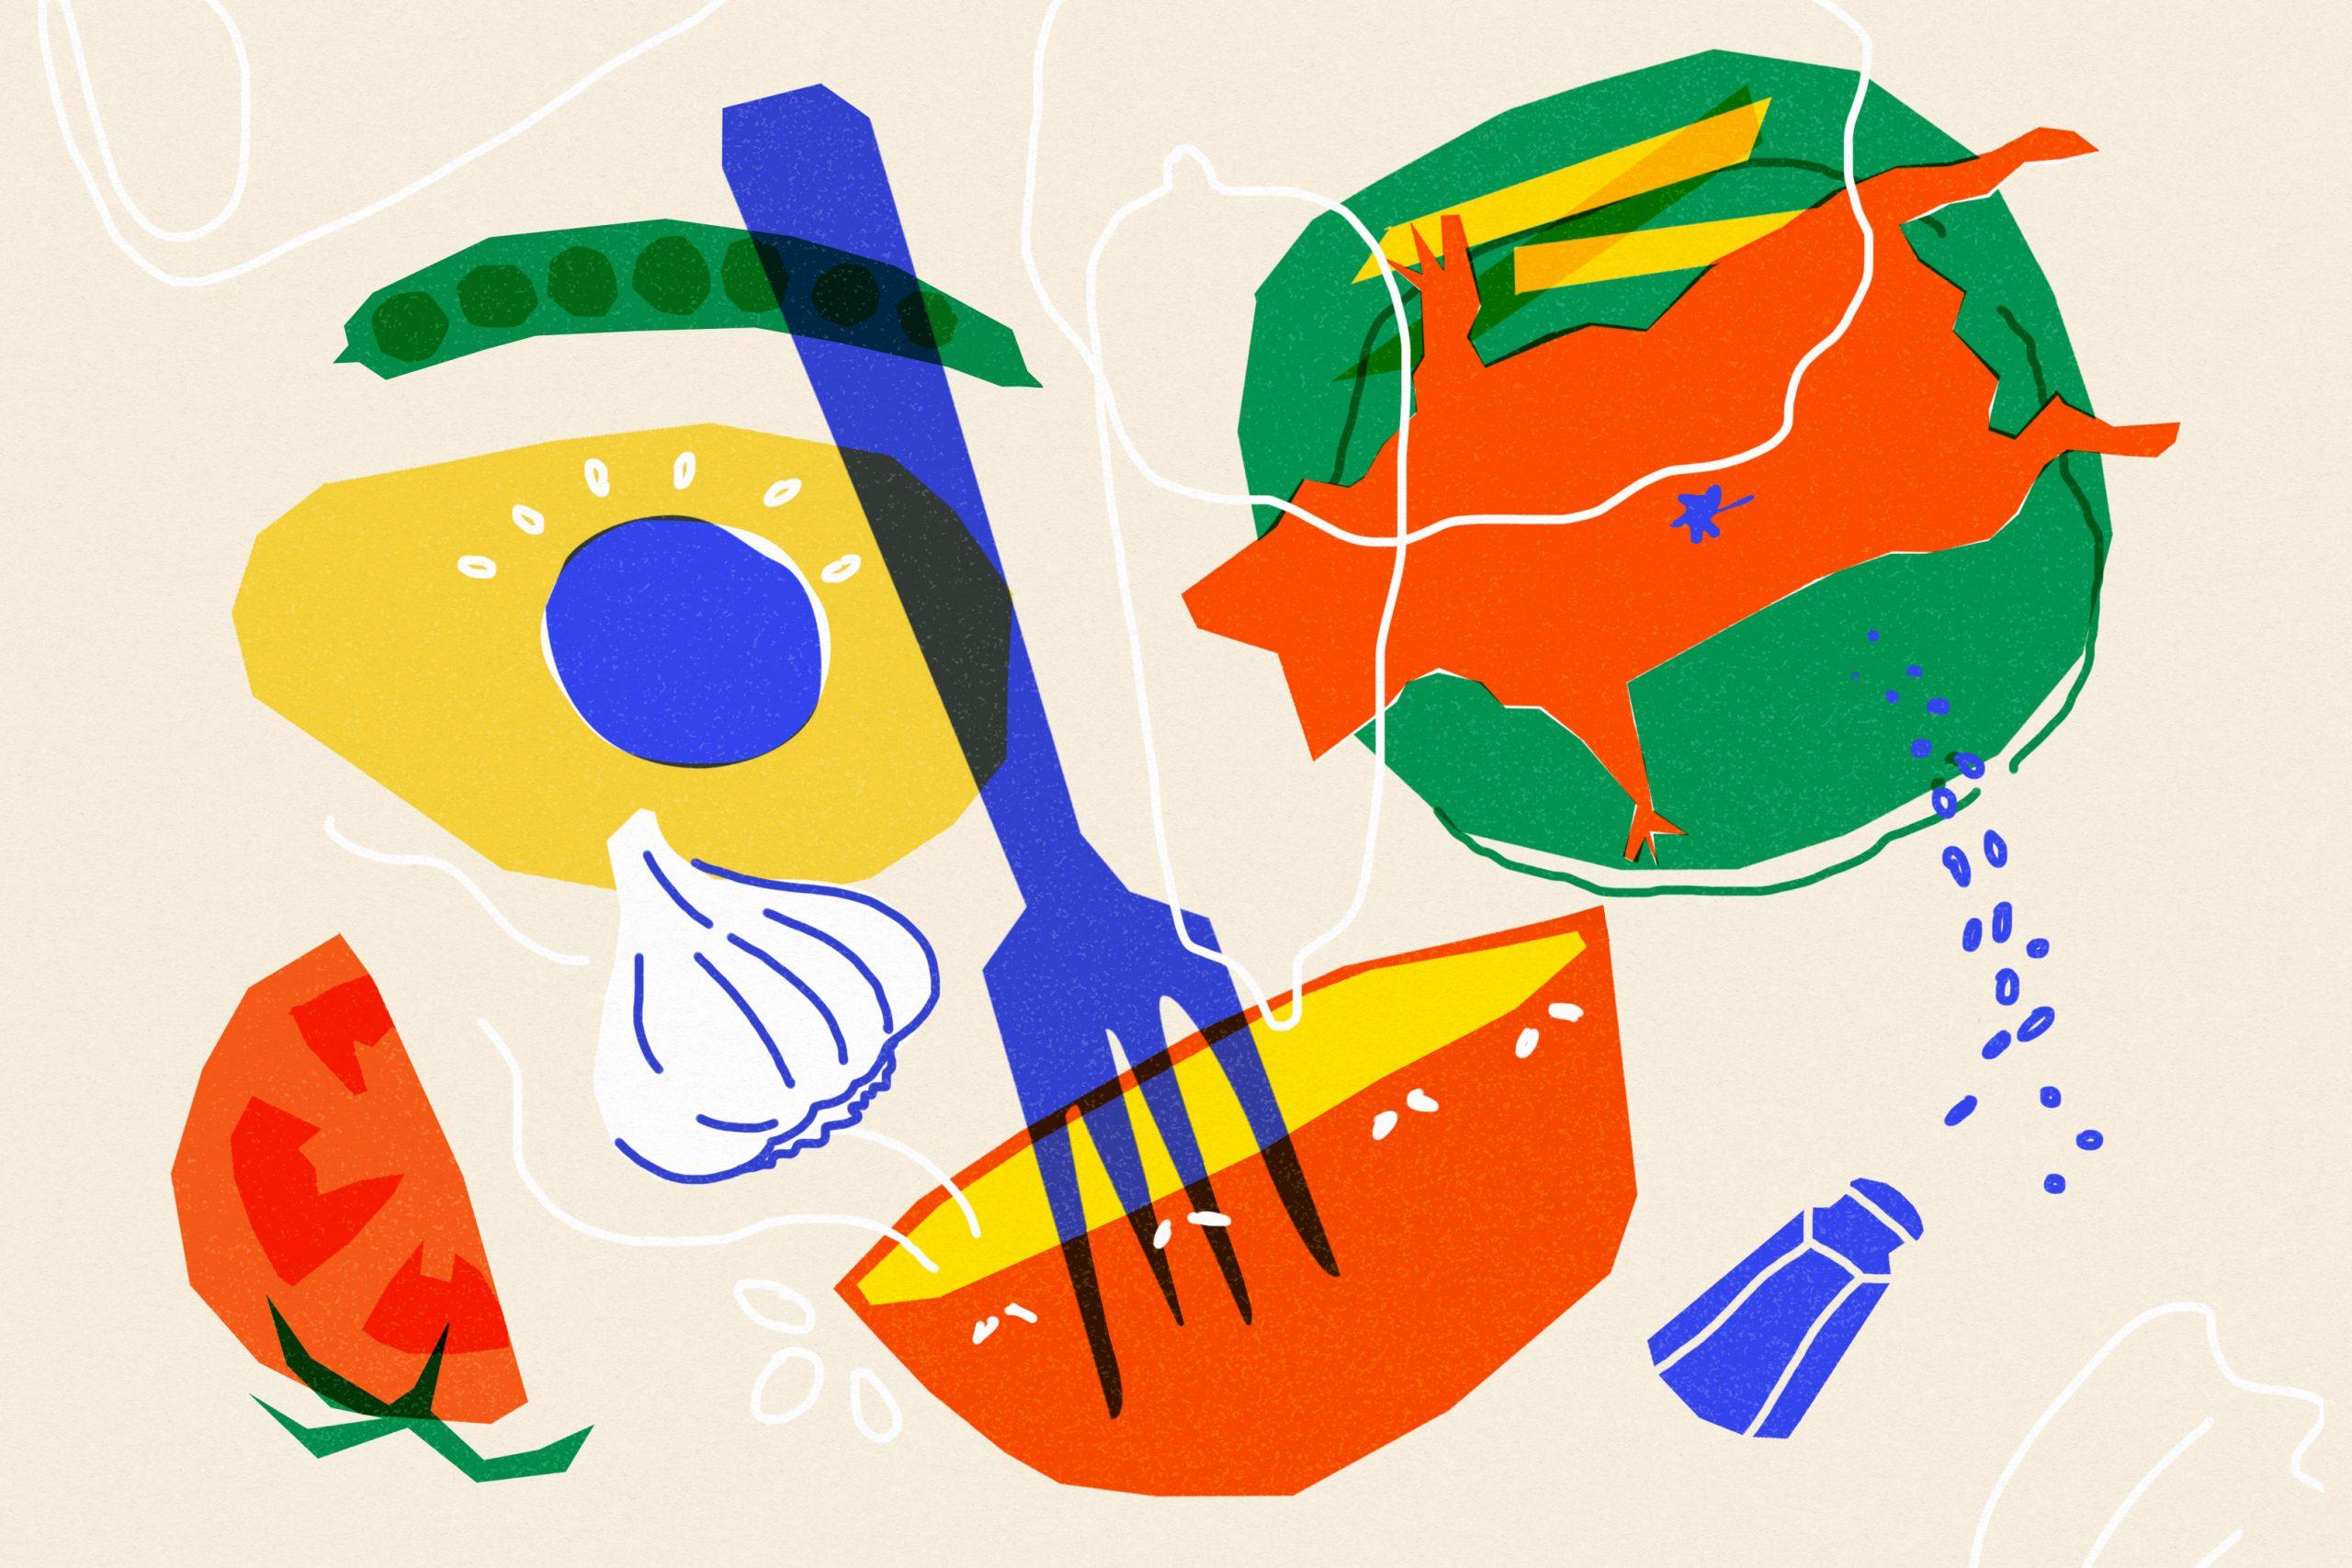 Ilustración de Laura Pérez para Cuy al ajillo, episodio 2 de la temporada 11 de Radio Ambulante